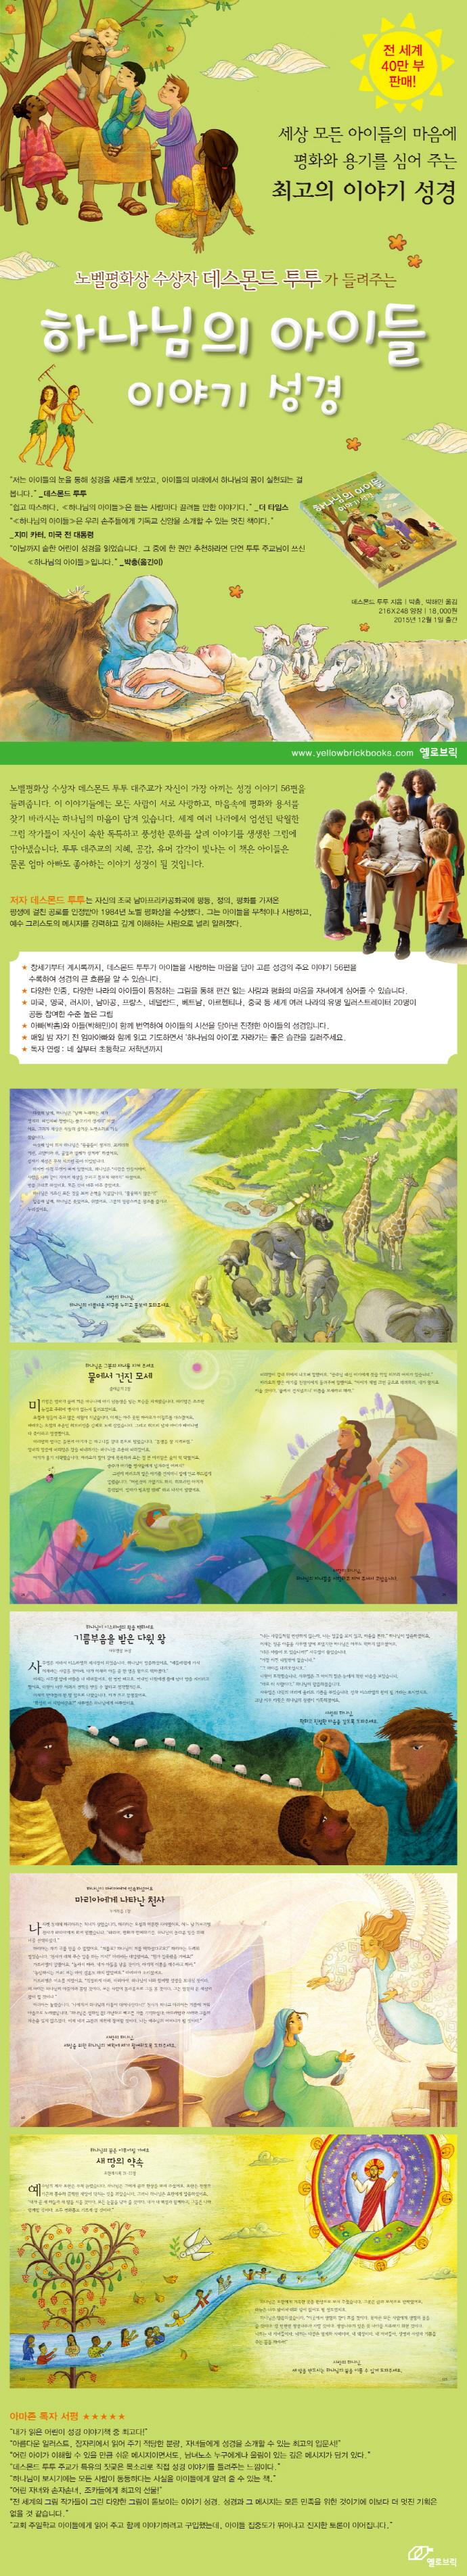 하나님의 아이들 이야기 성경(데스몬드 투투가 들려주는)(양장본 HardCover) 도서 상세이미지